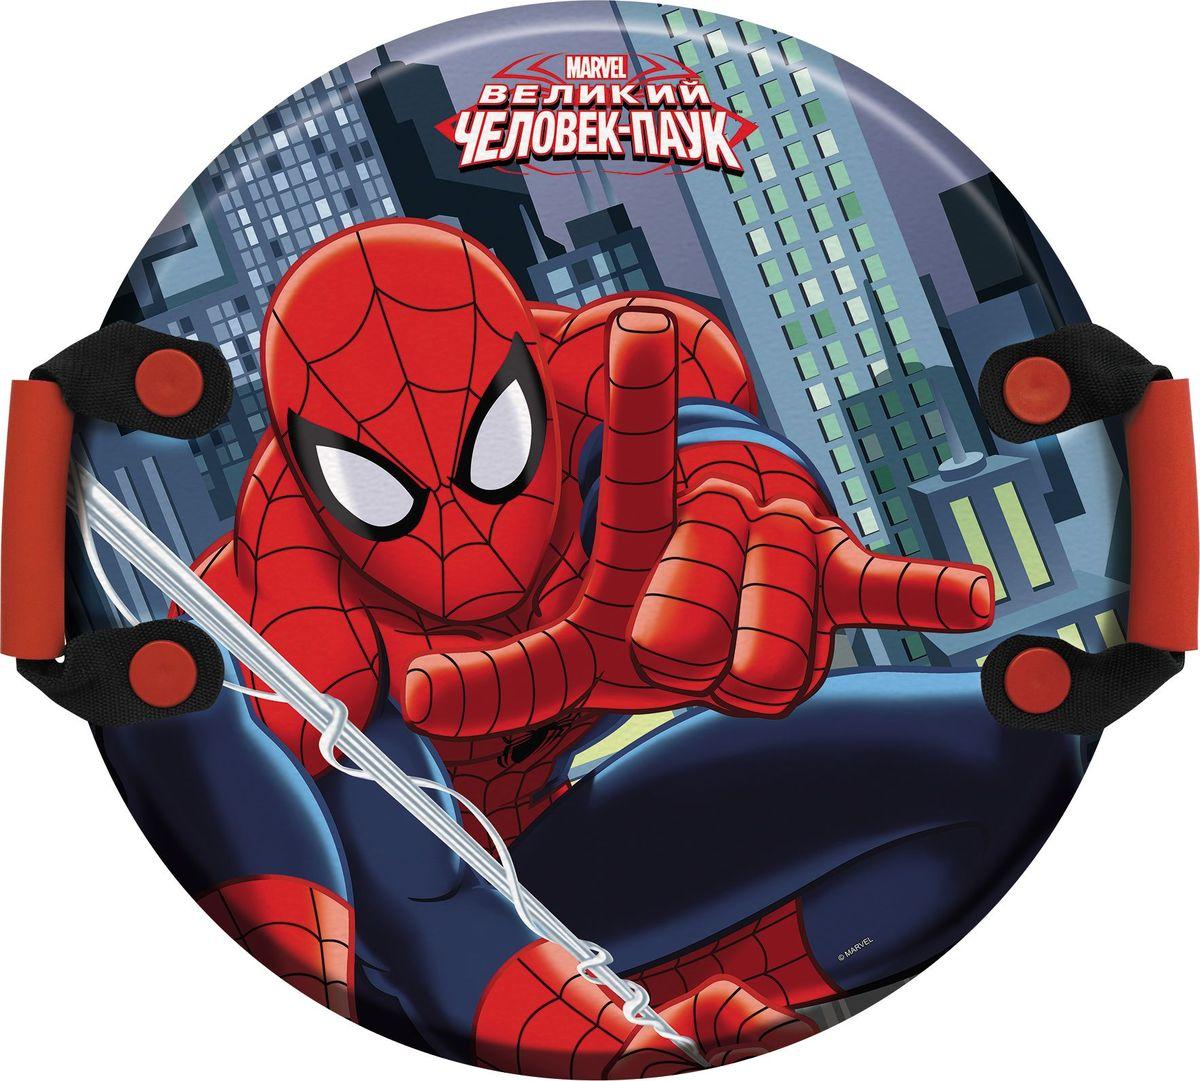 Ледянка 1TOY Marvel. Spider-Man, с ручками, 54 см ледянка marvel iron man 81 см с плотными ручками т58169